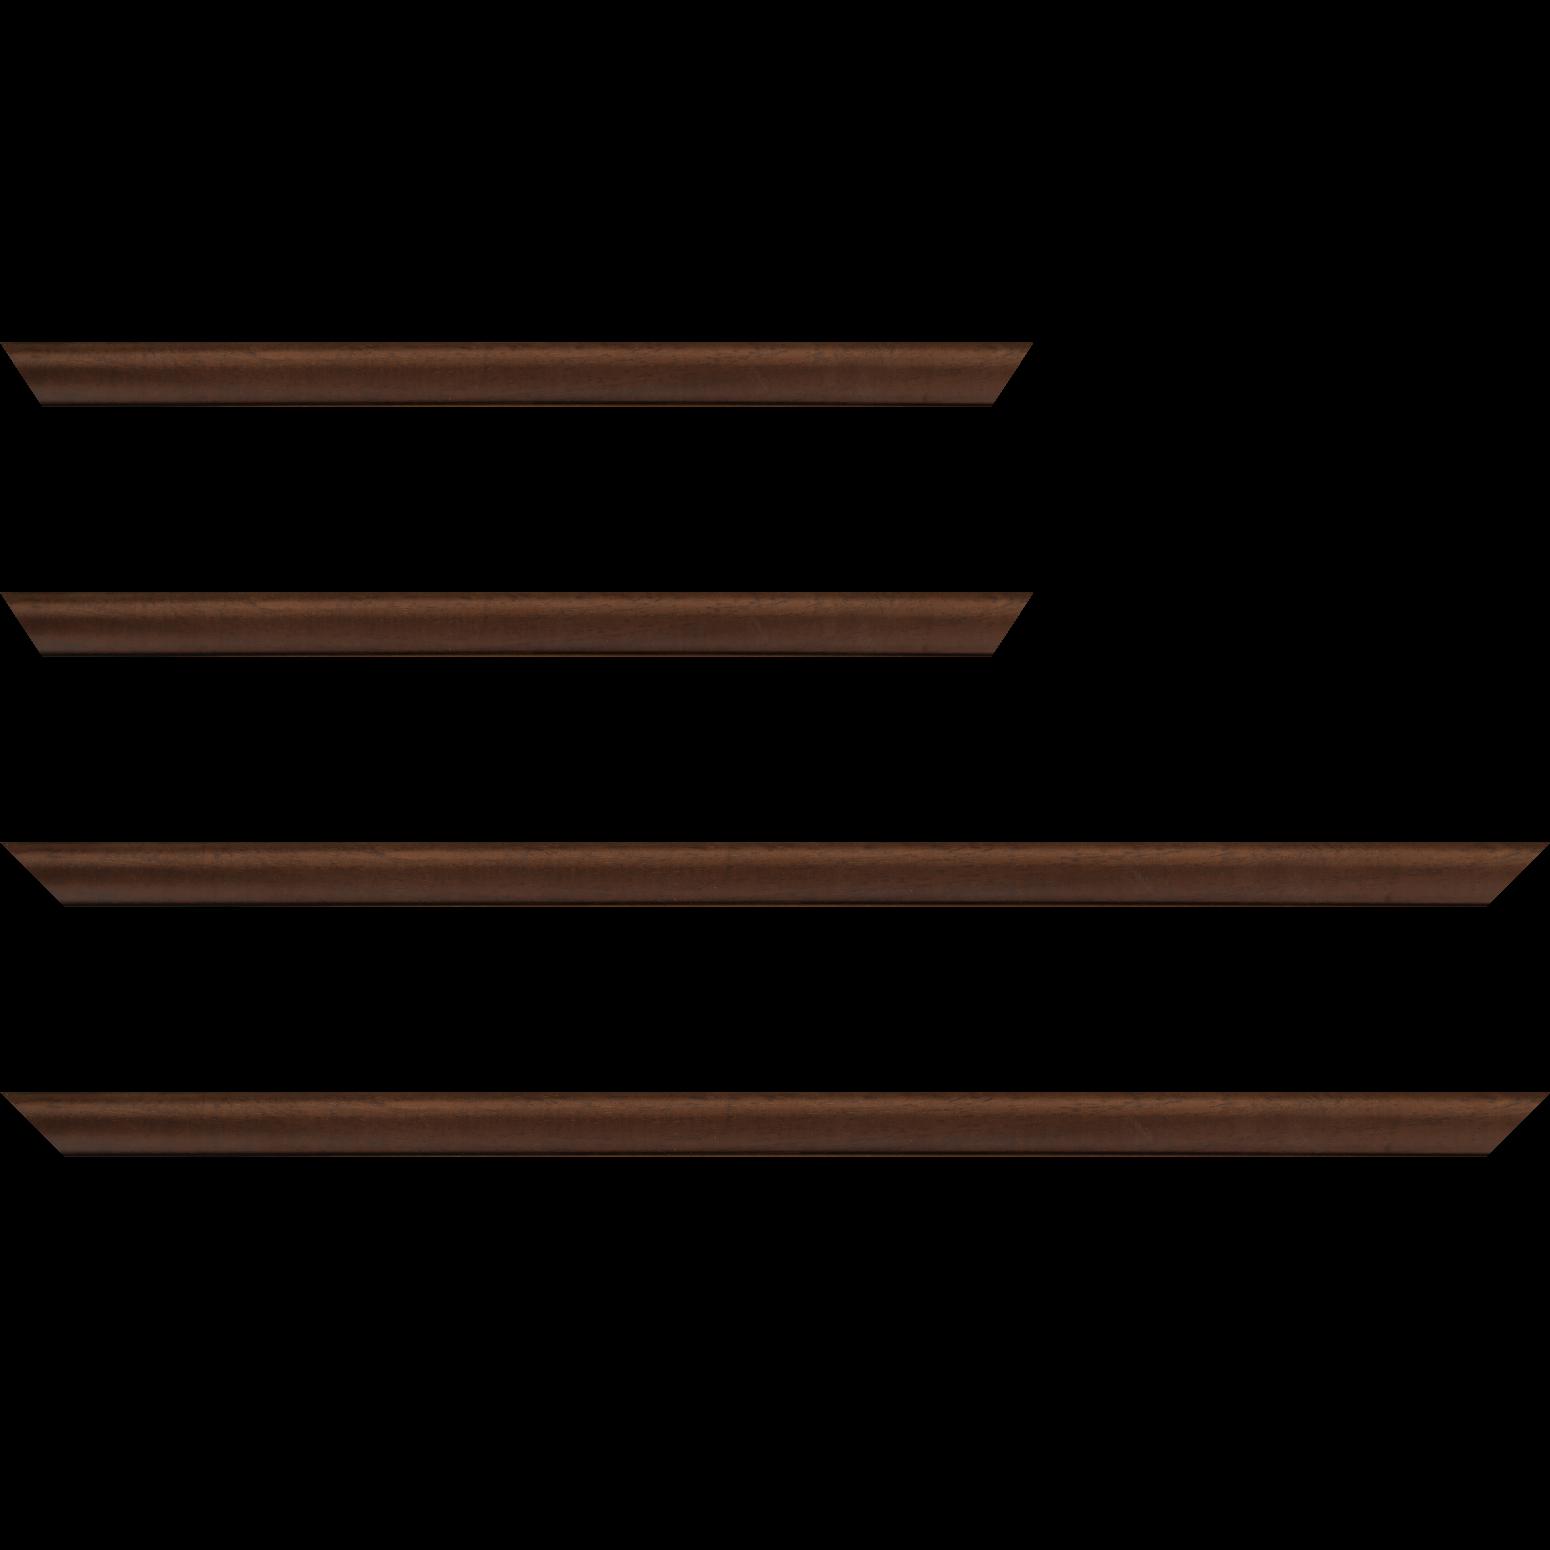 Baguette service précoupé Bois profil incuvé largeur 2.1cm couleur marron foncé satiné